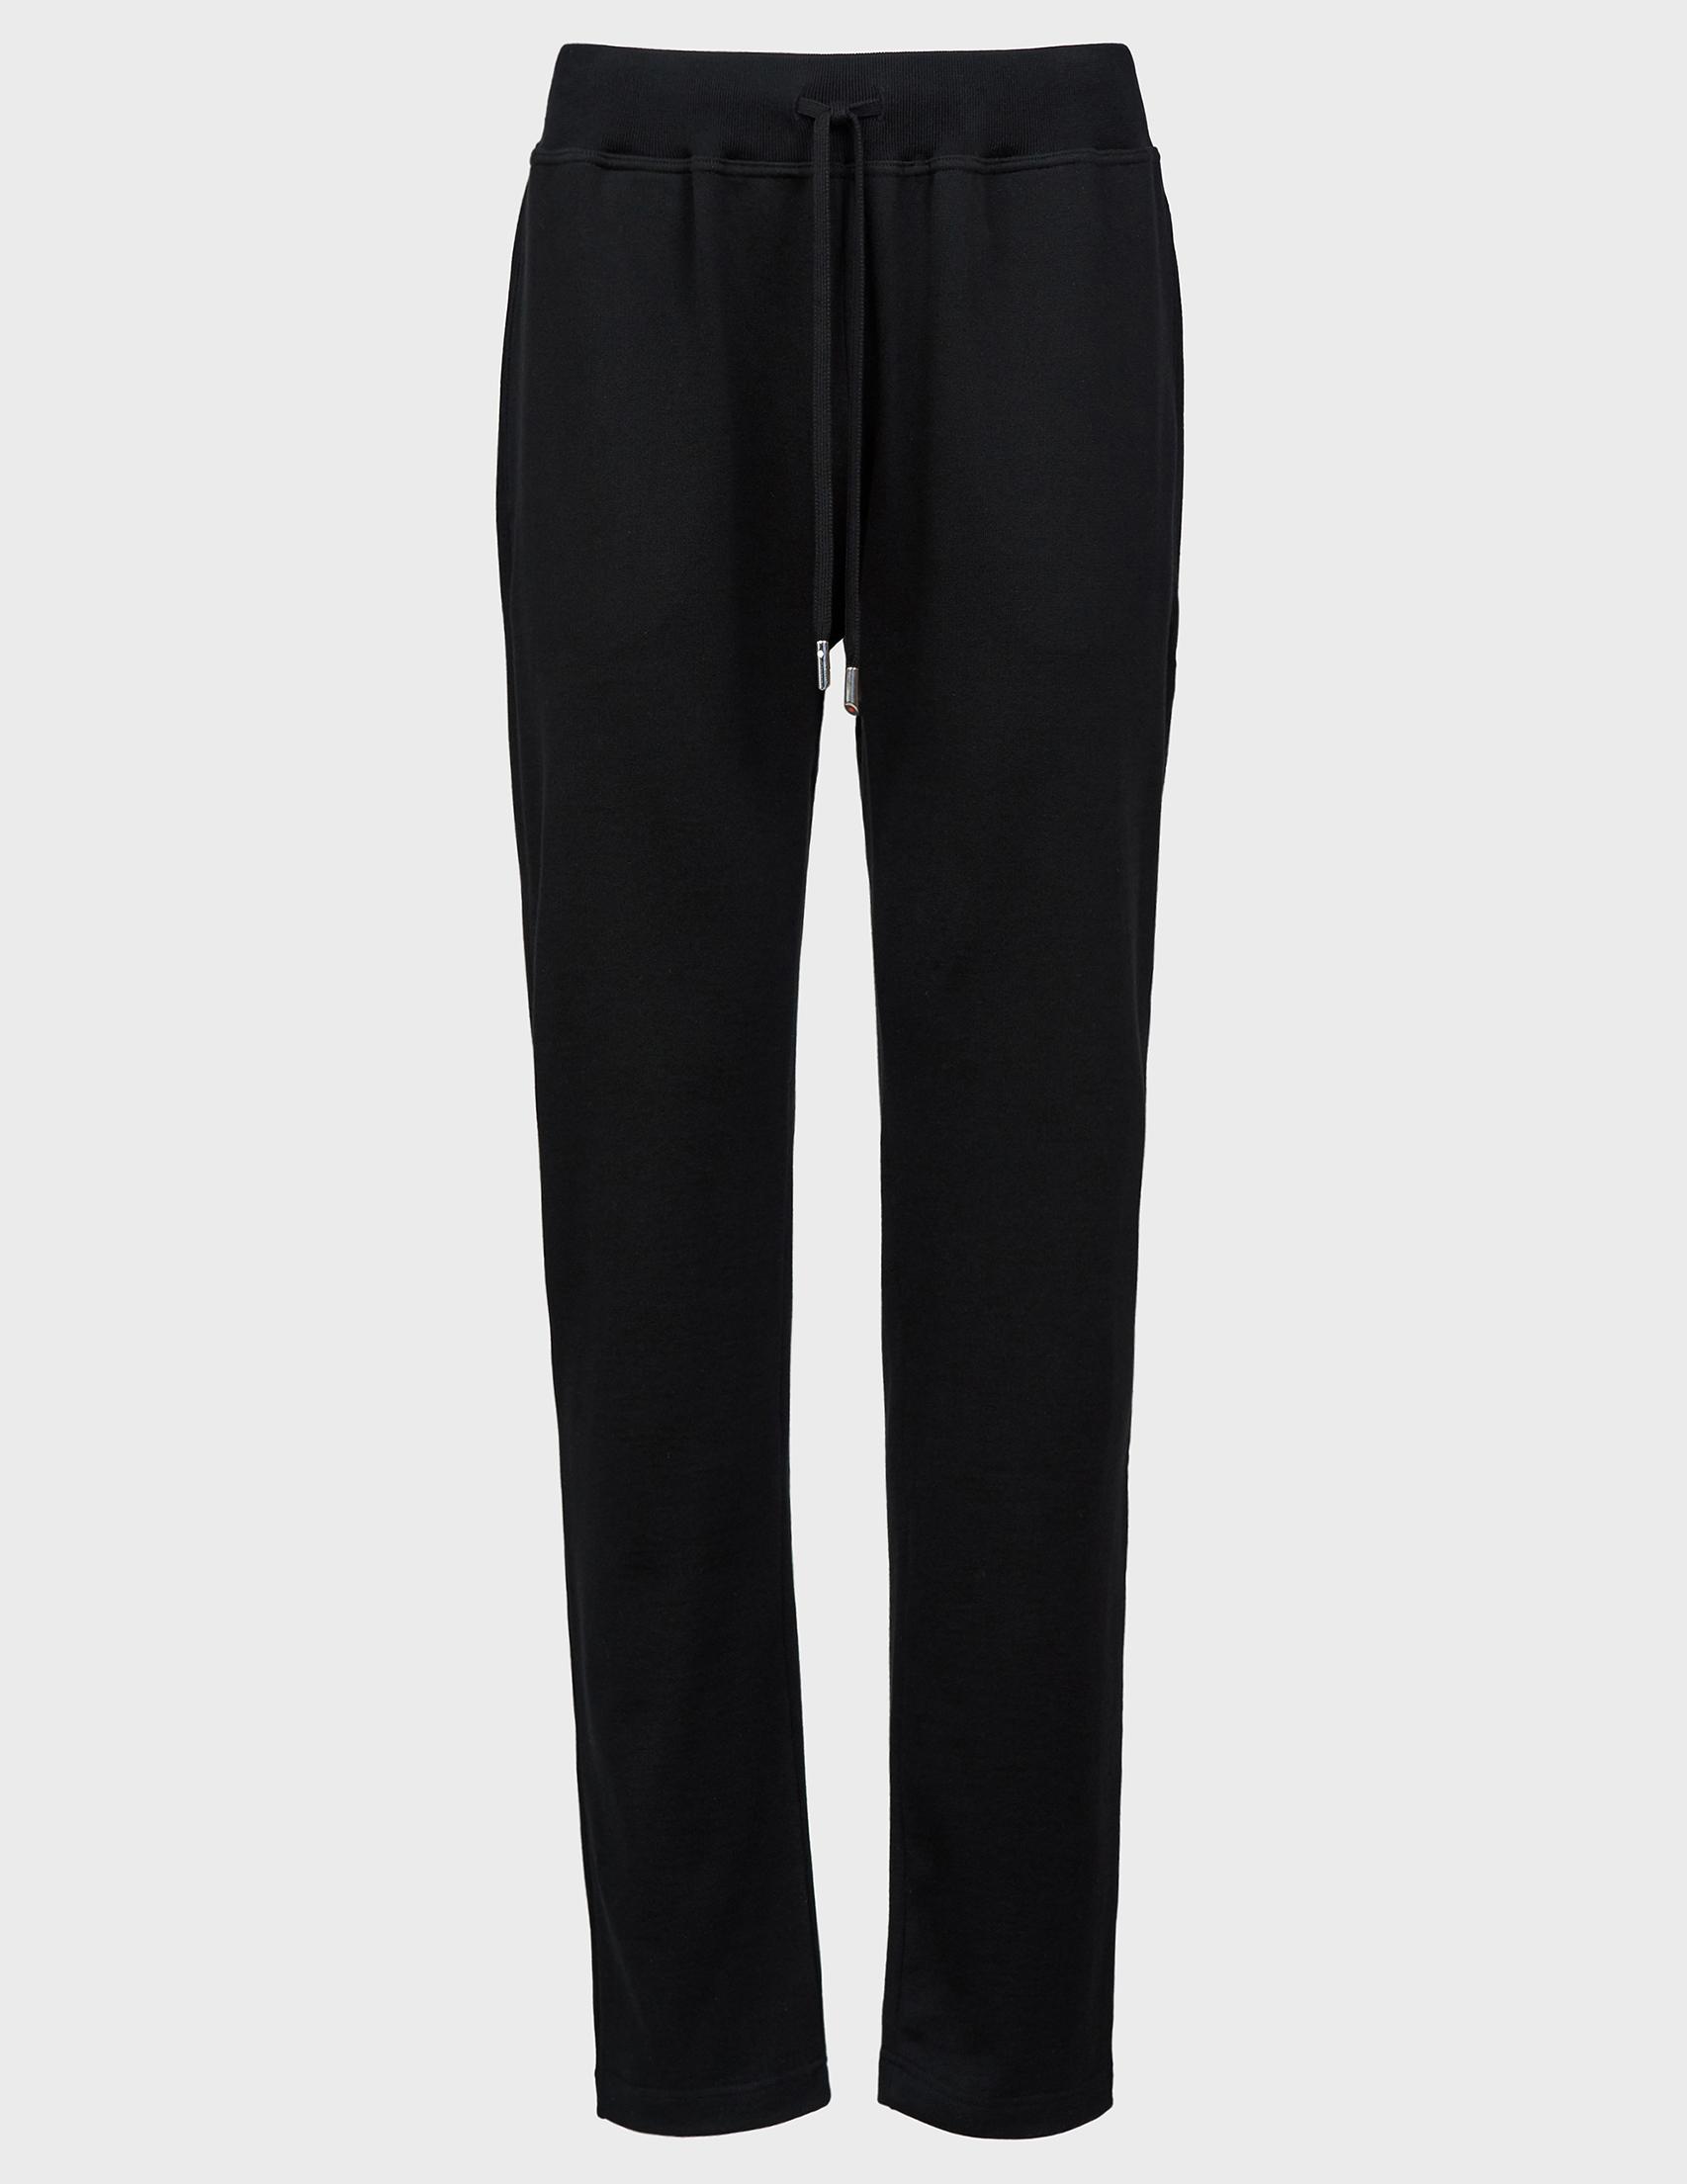 Купить Спортивные брюки, KITON, Черный, 100%Хлопок, Весна-Лето